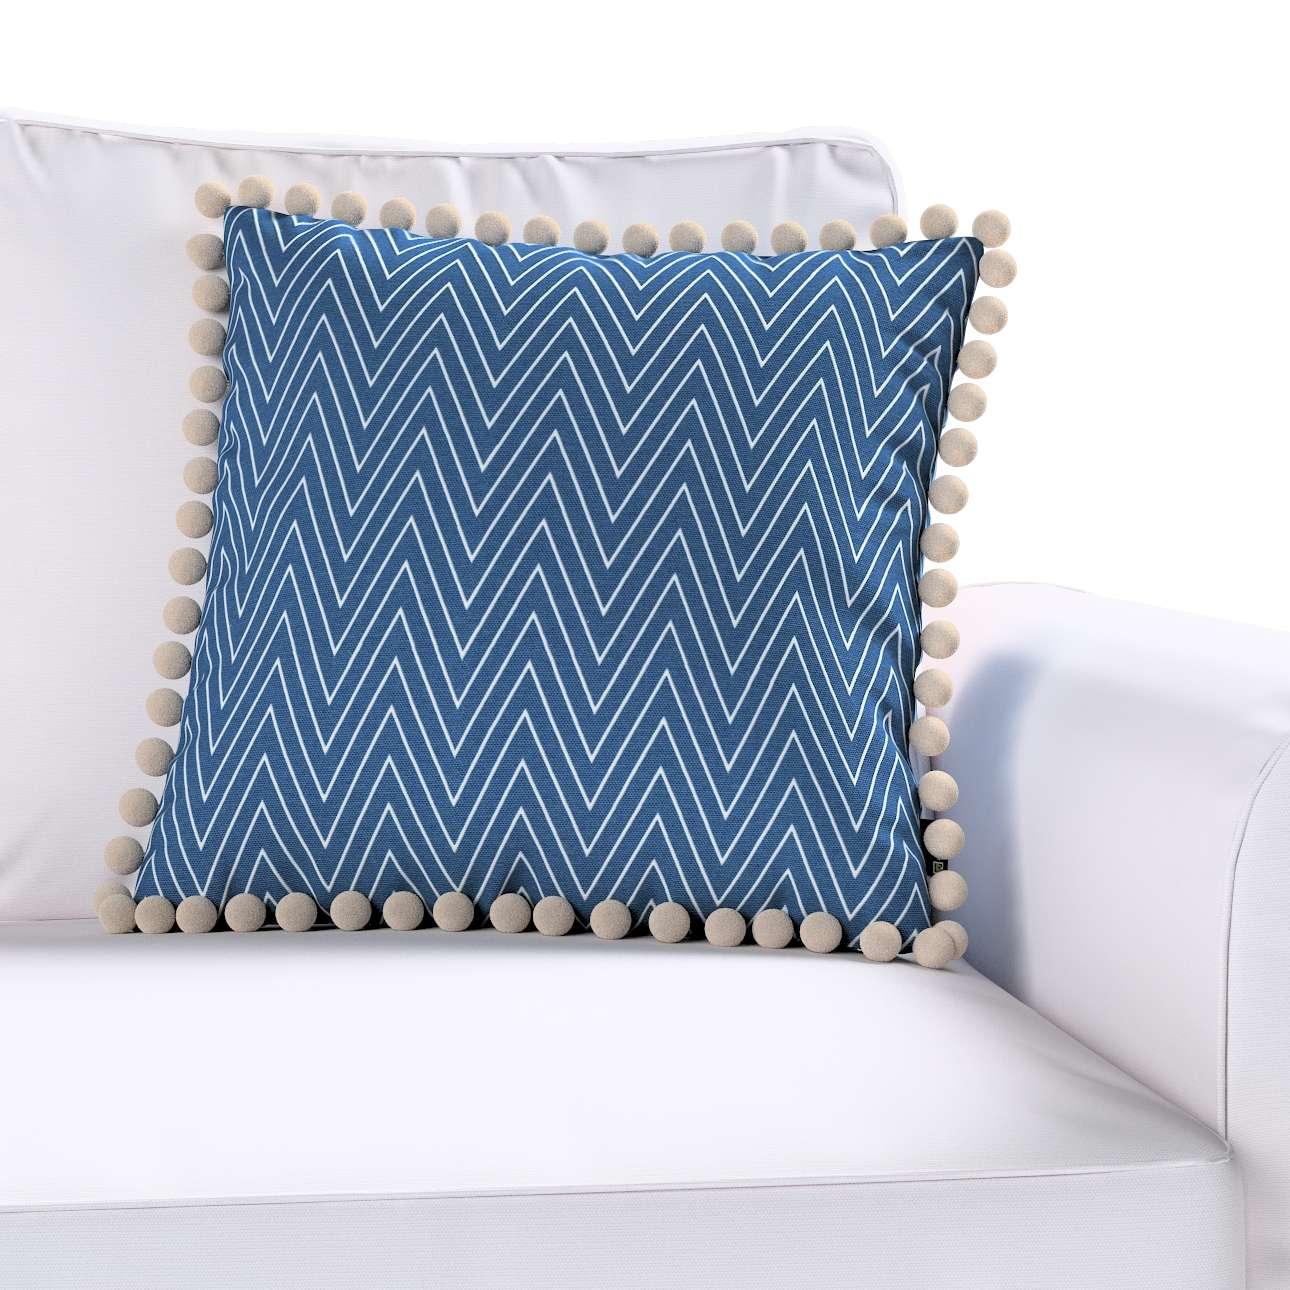 Wera dekoratyvinės pagalvėlės užvalkalas su žaismingais kraštais 45 x 45 cm kolekcijoje Brooklyn, audinys: 137-88